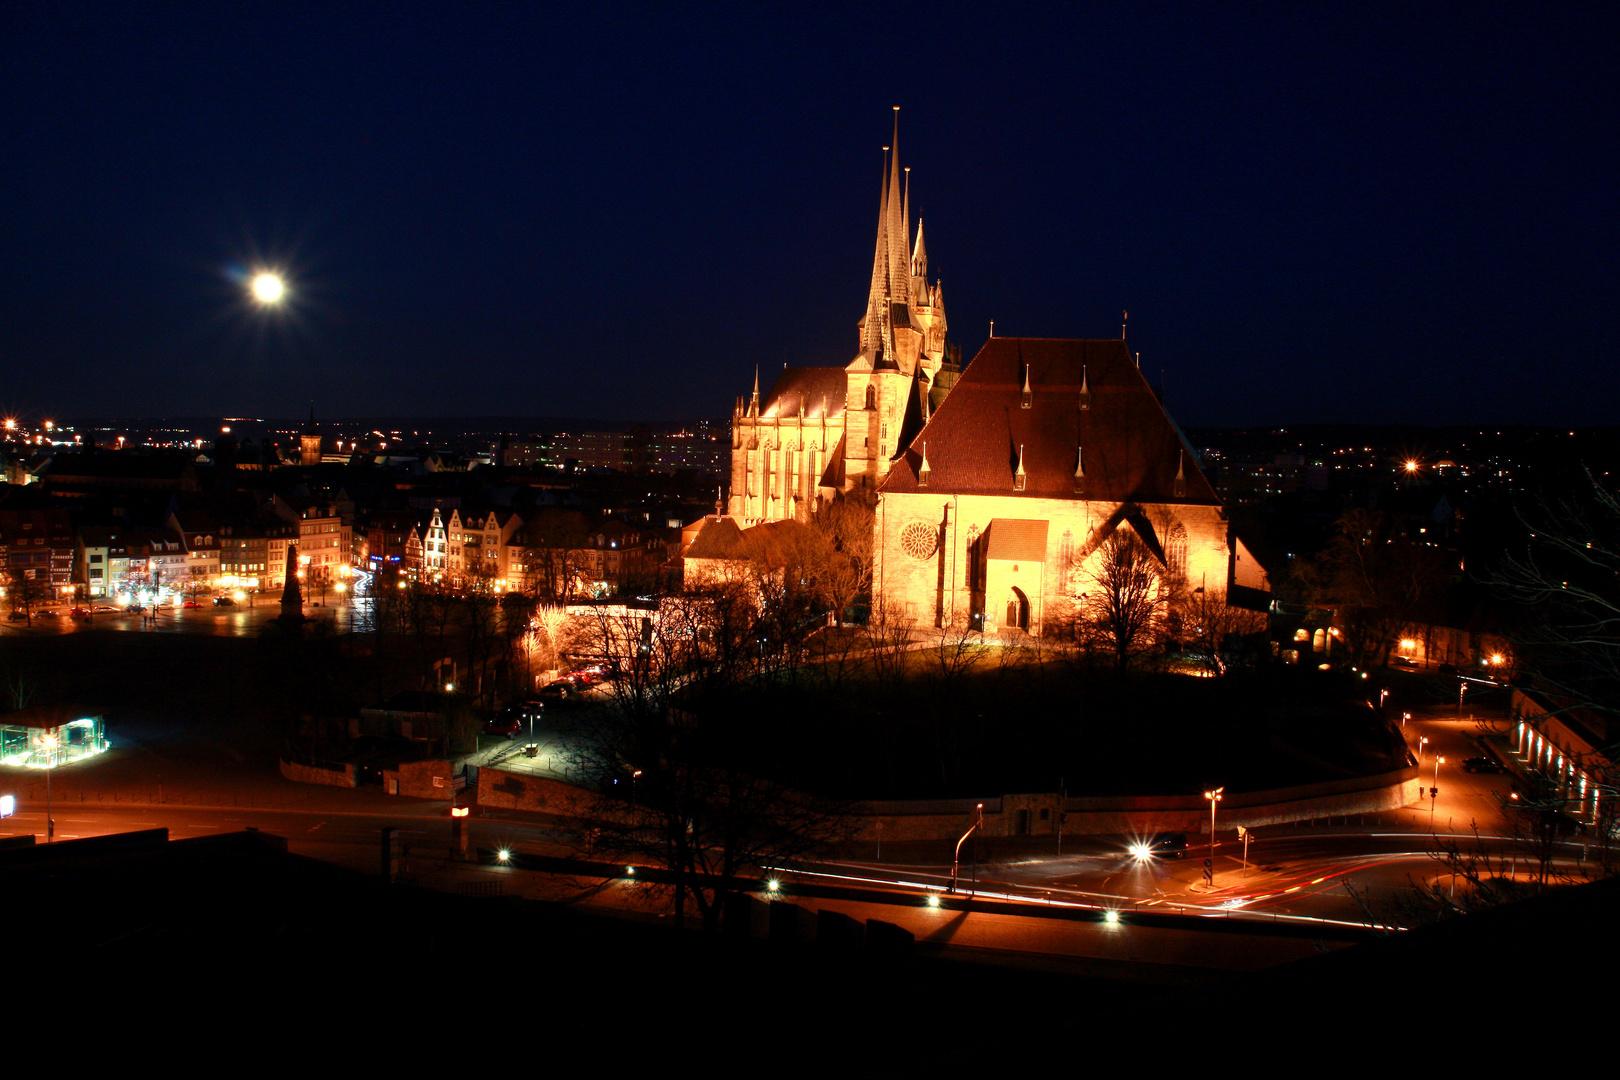 Dom zu Erfurt mit Vollmond